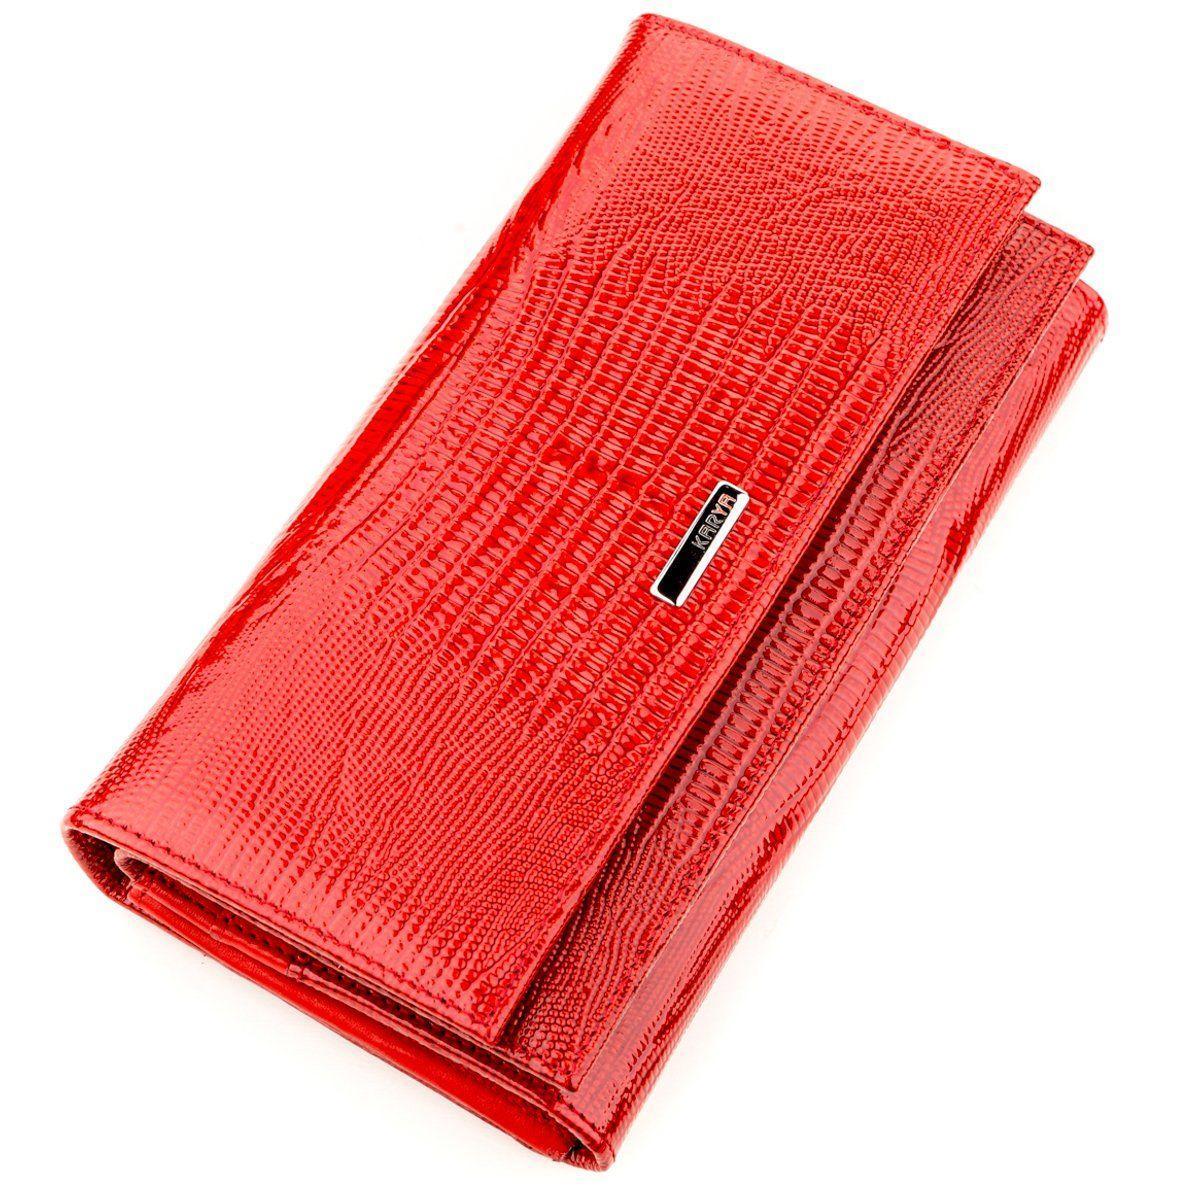 Кошелек женский KARYA 17234 кожаный Красный, Красный